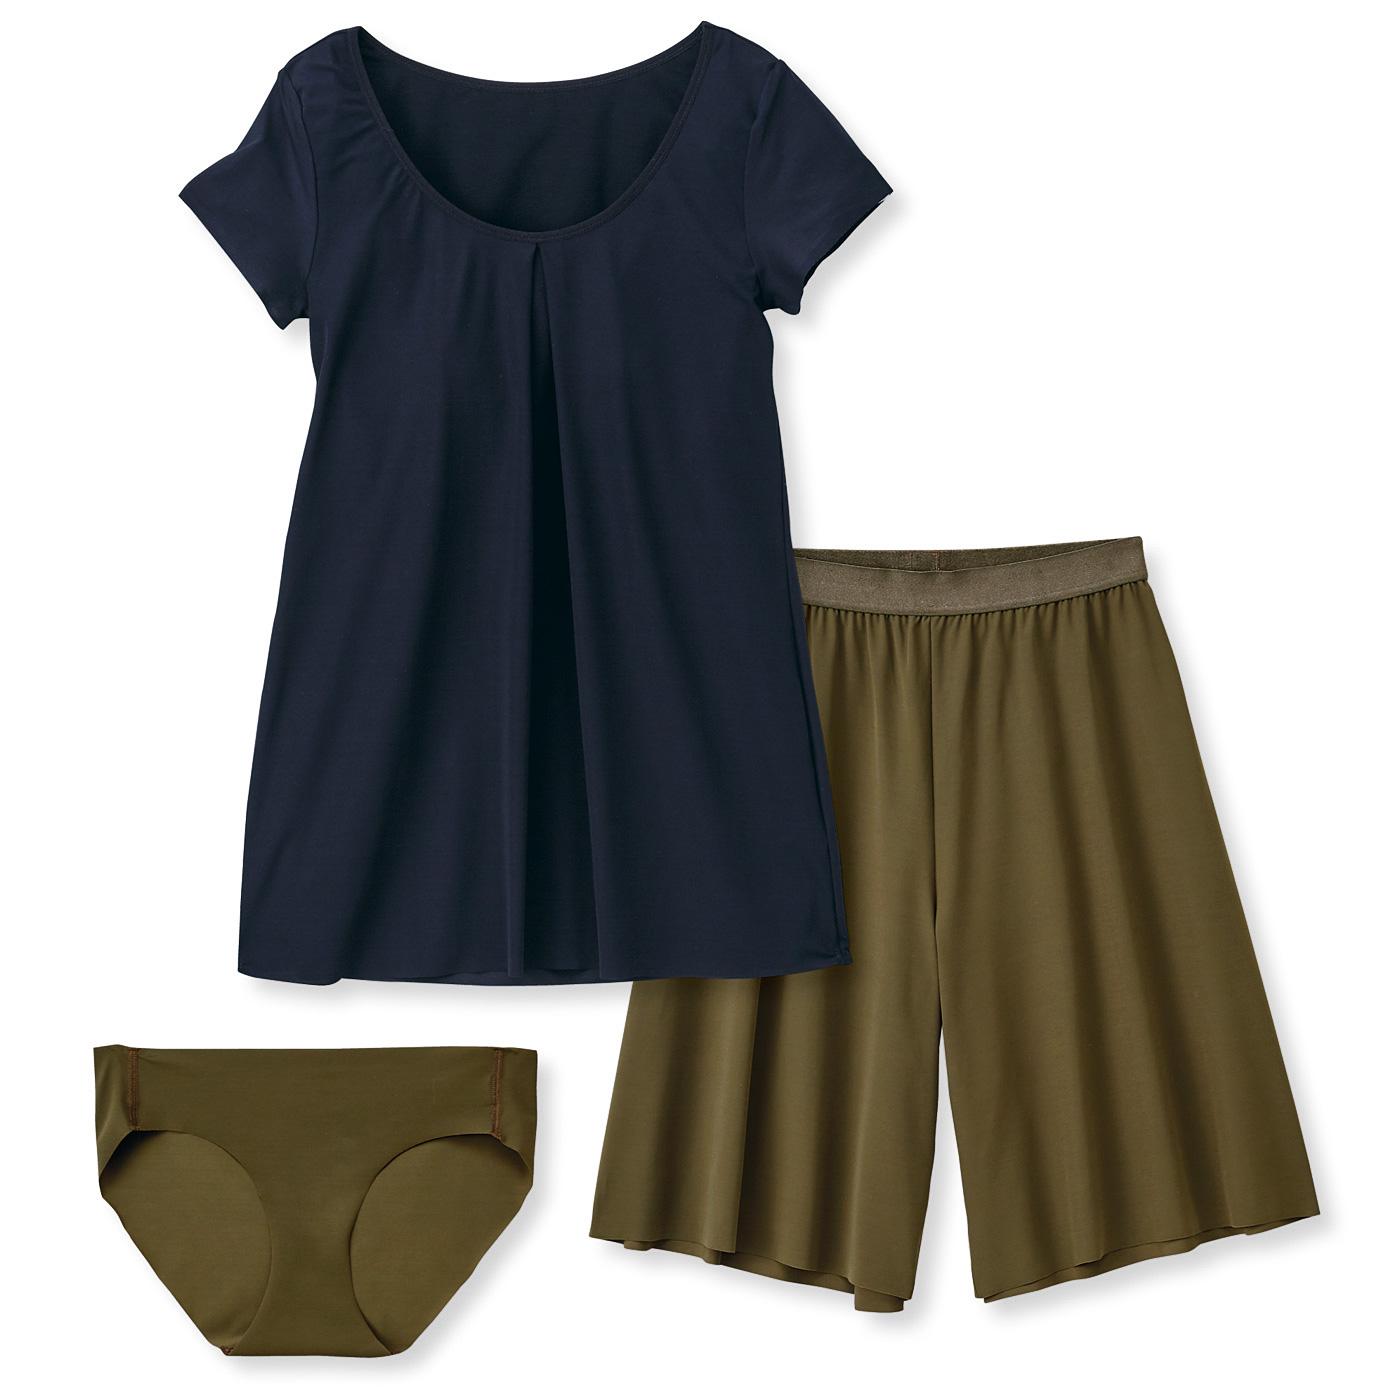 洋服感覚で着られるスイムウェアセット